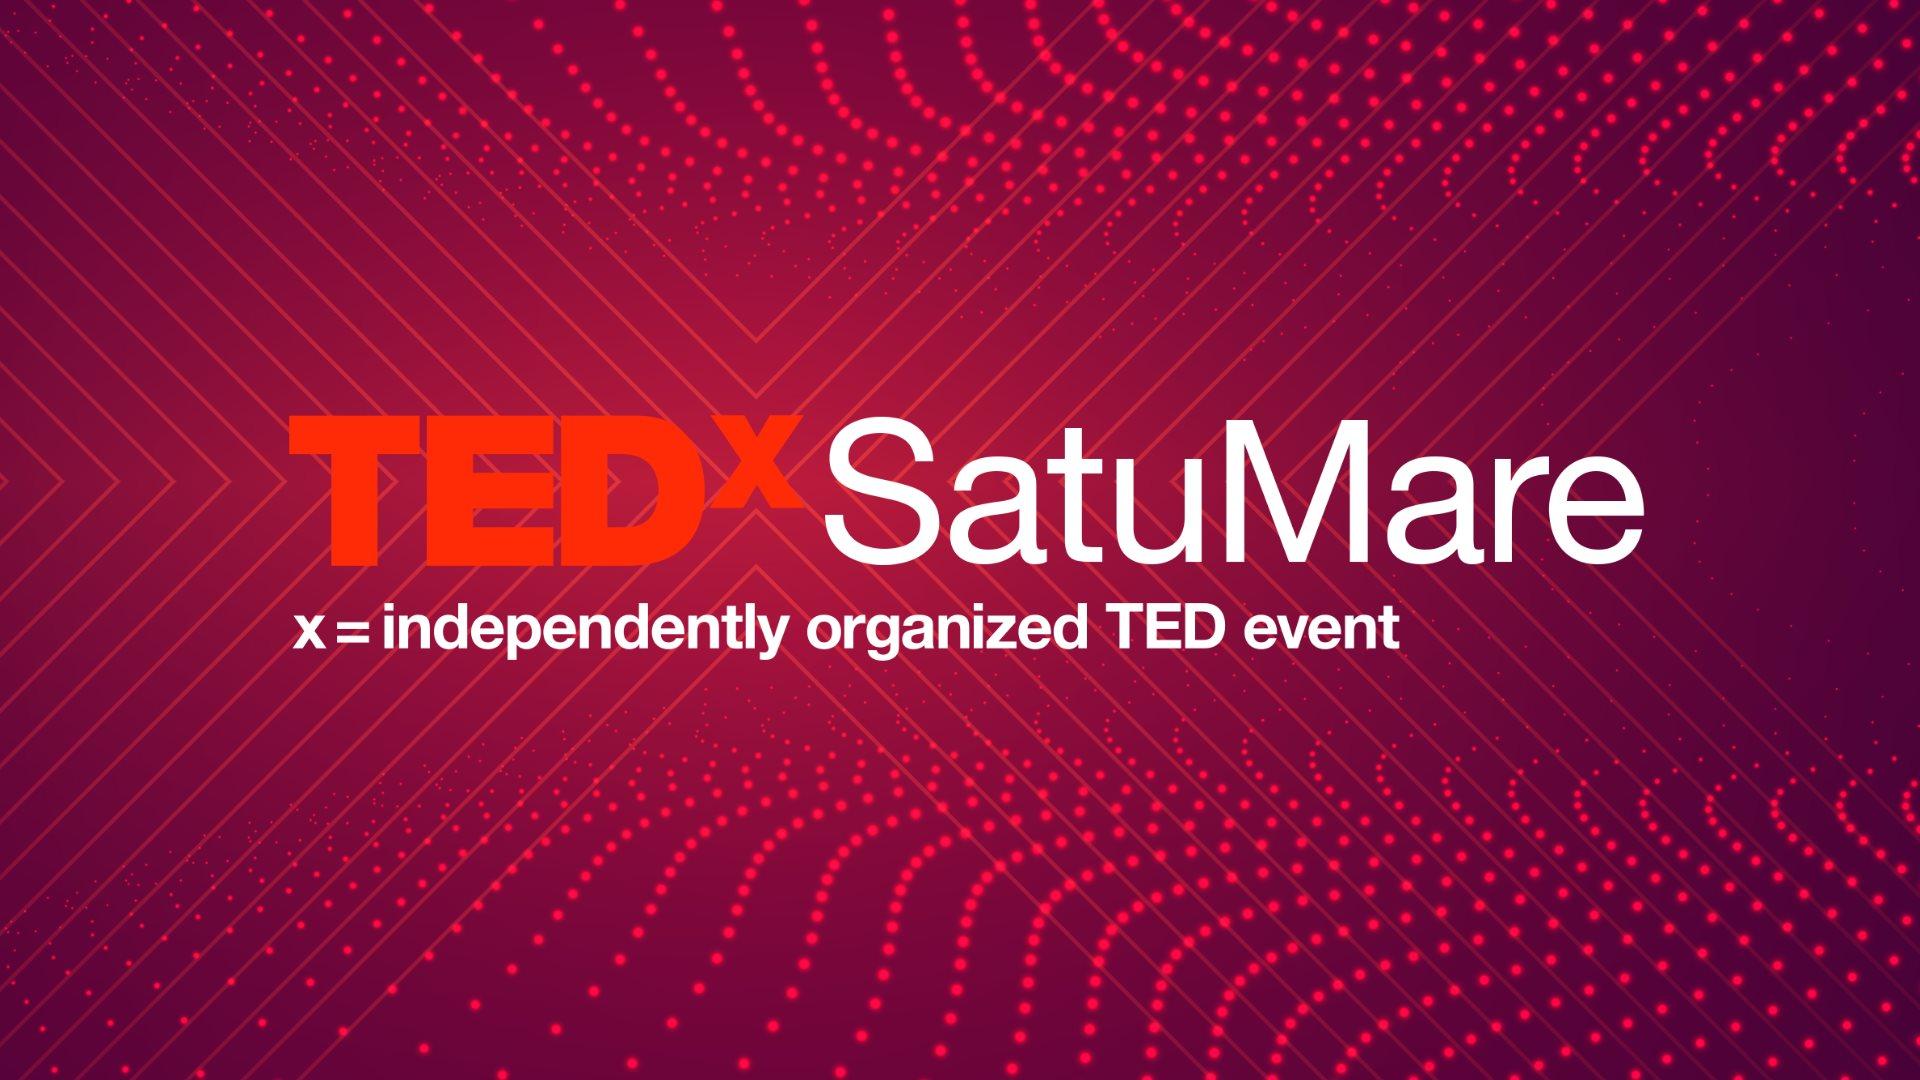 În 23 iunie va avea loc, la Teatrul de Nord, a doua ediție a TEDxSatu Mare